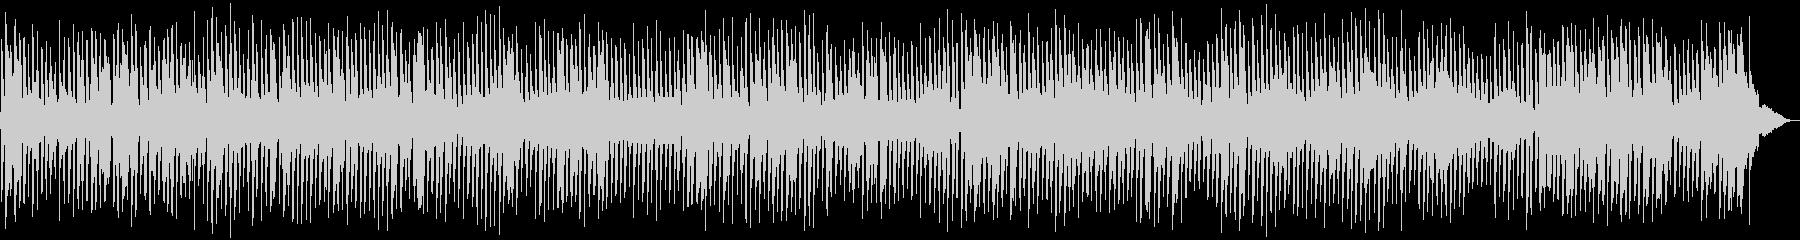 春らしい4ビートジャズBGMの未再生の波形